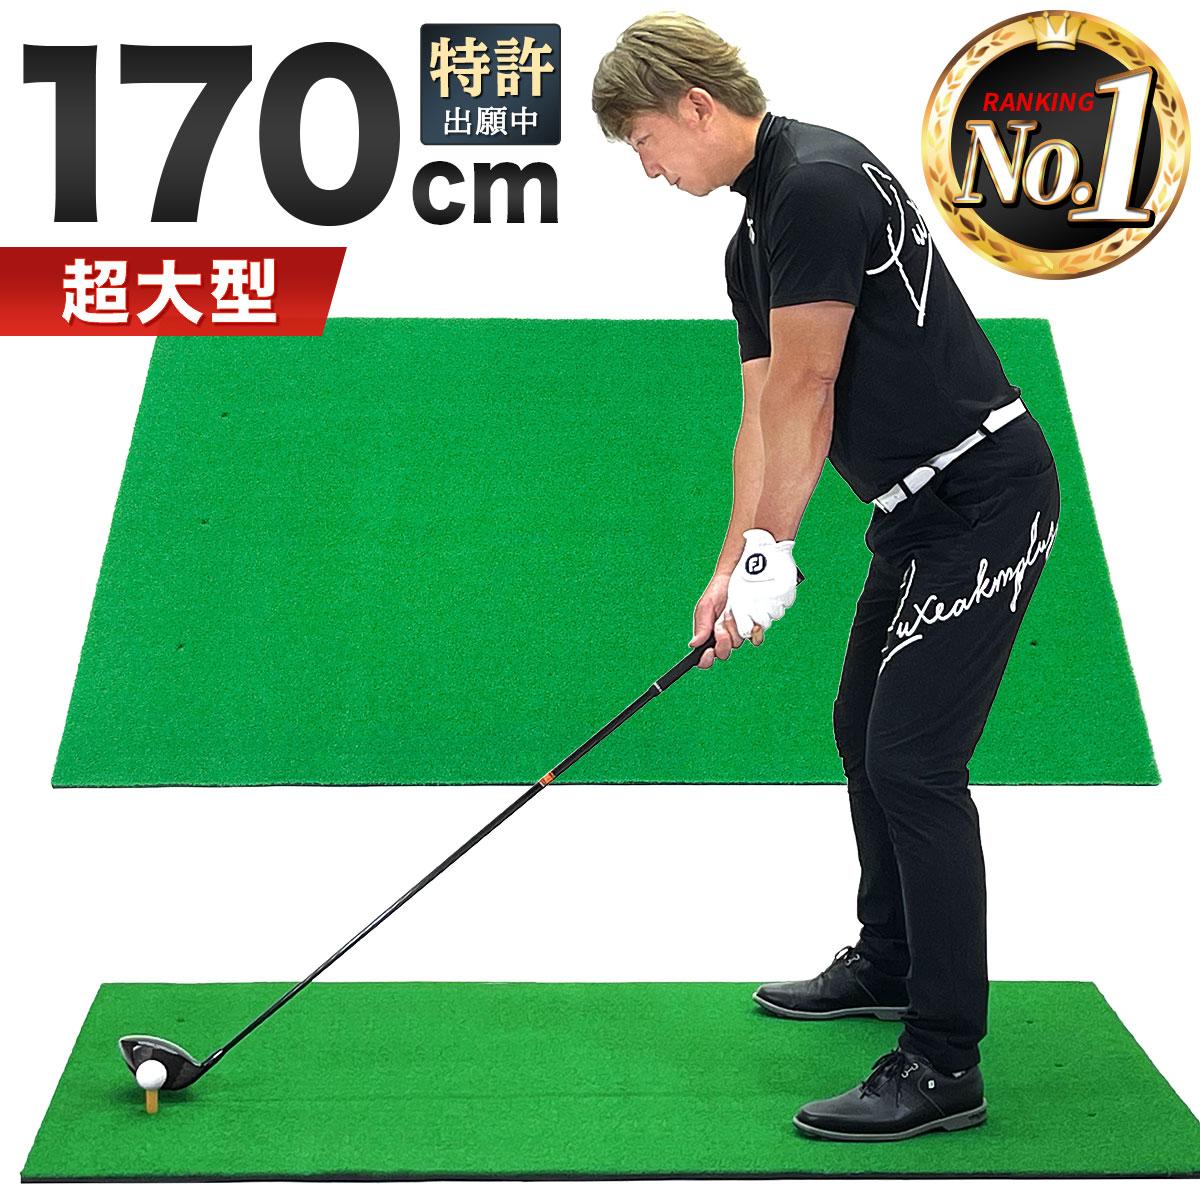 ゴルフマット 大型 100×170cm ゴルフ 練習 マット 特大 素振り ドライバー スイング 人工芝 練習器具 ゴムマット SBR ゴルフティー ゴルフボール 単品